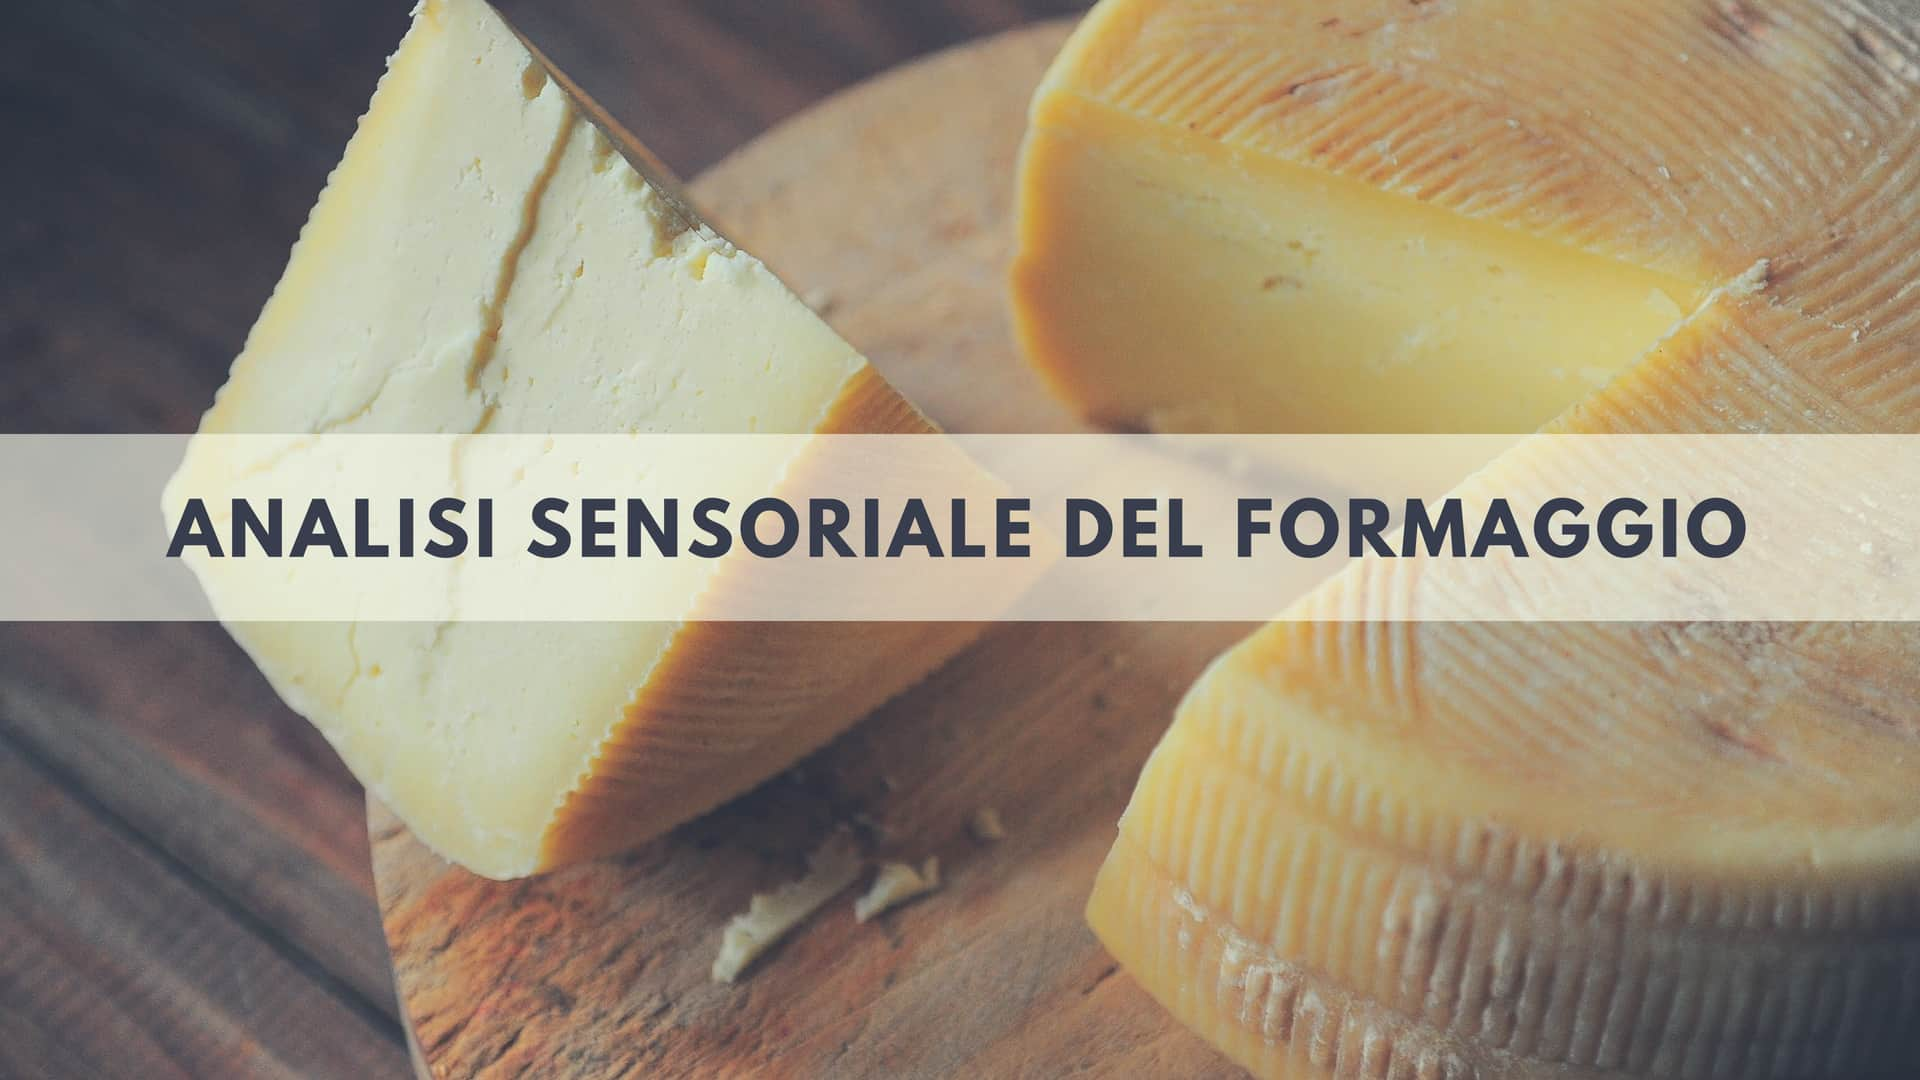 Attuare l'analisi sensoriale del formaggio e lavorare come assaggiatore